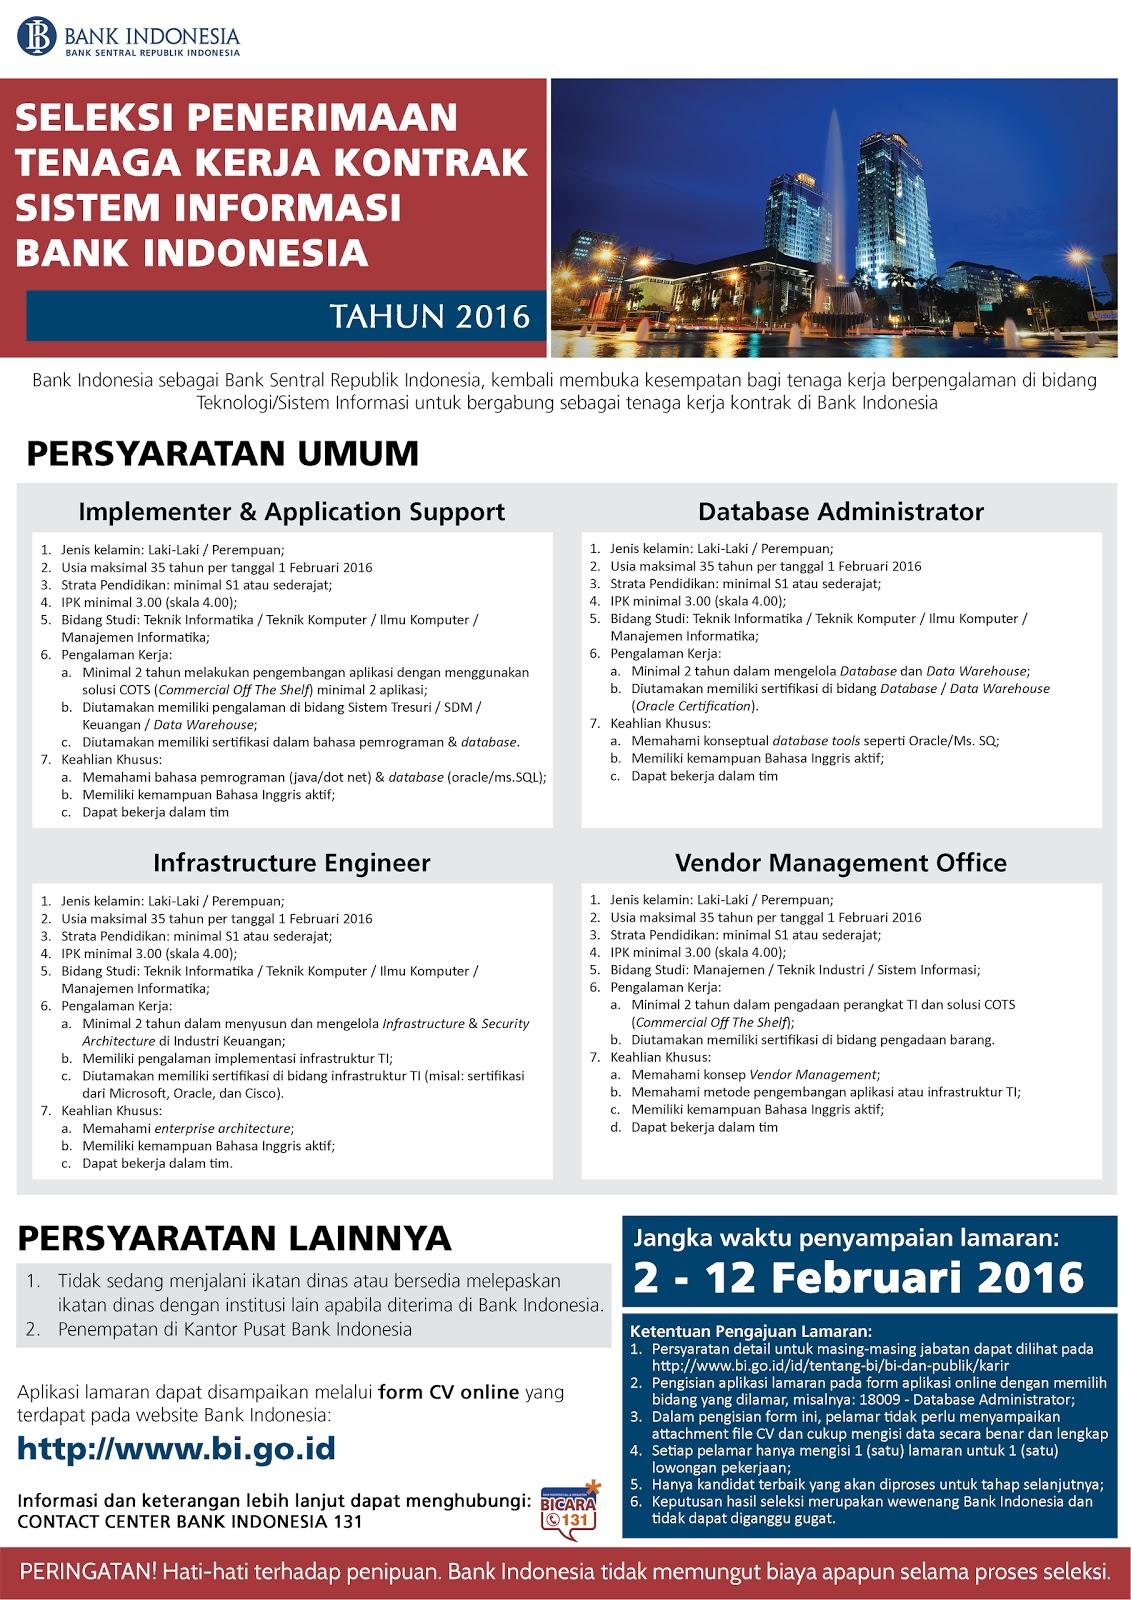 Lowongan Kerja Bank Indonesia 2016